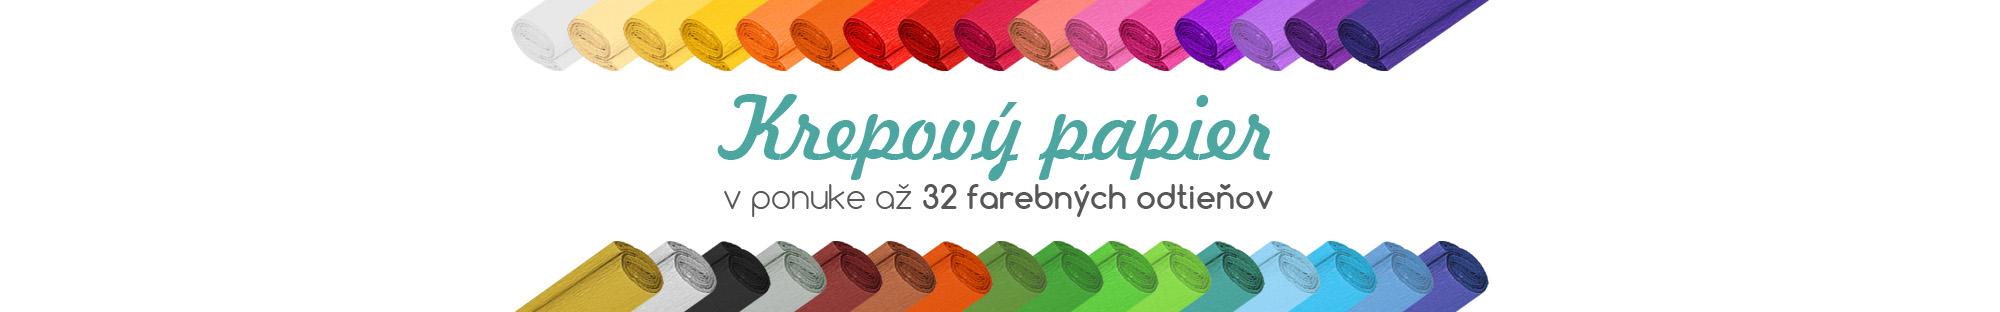 Krepový papier